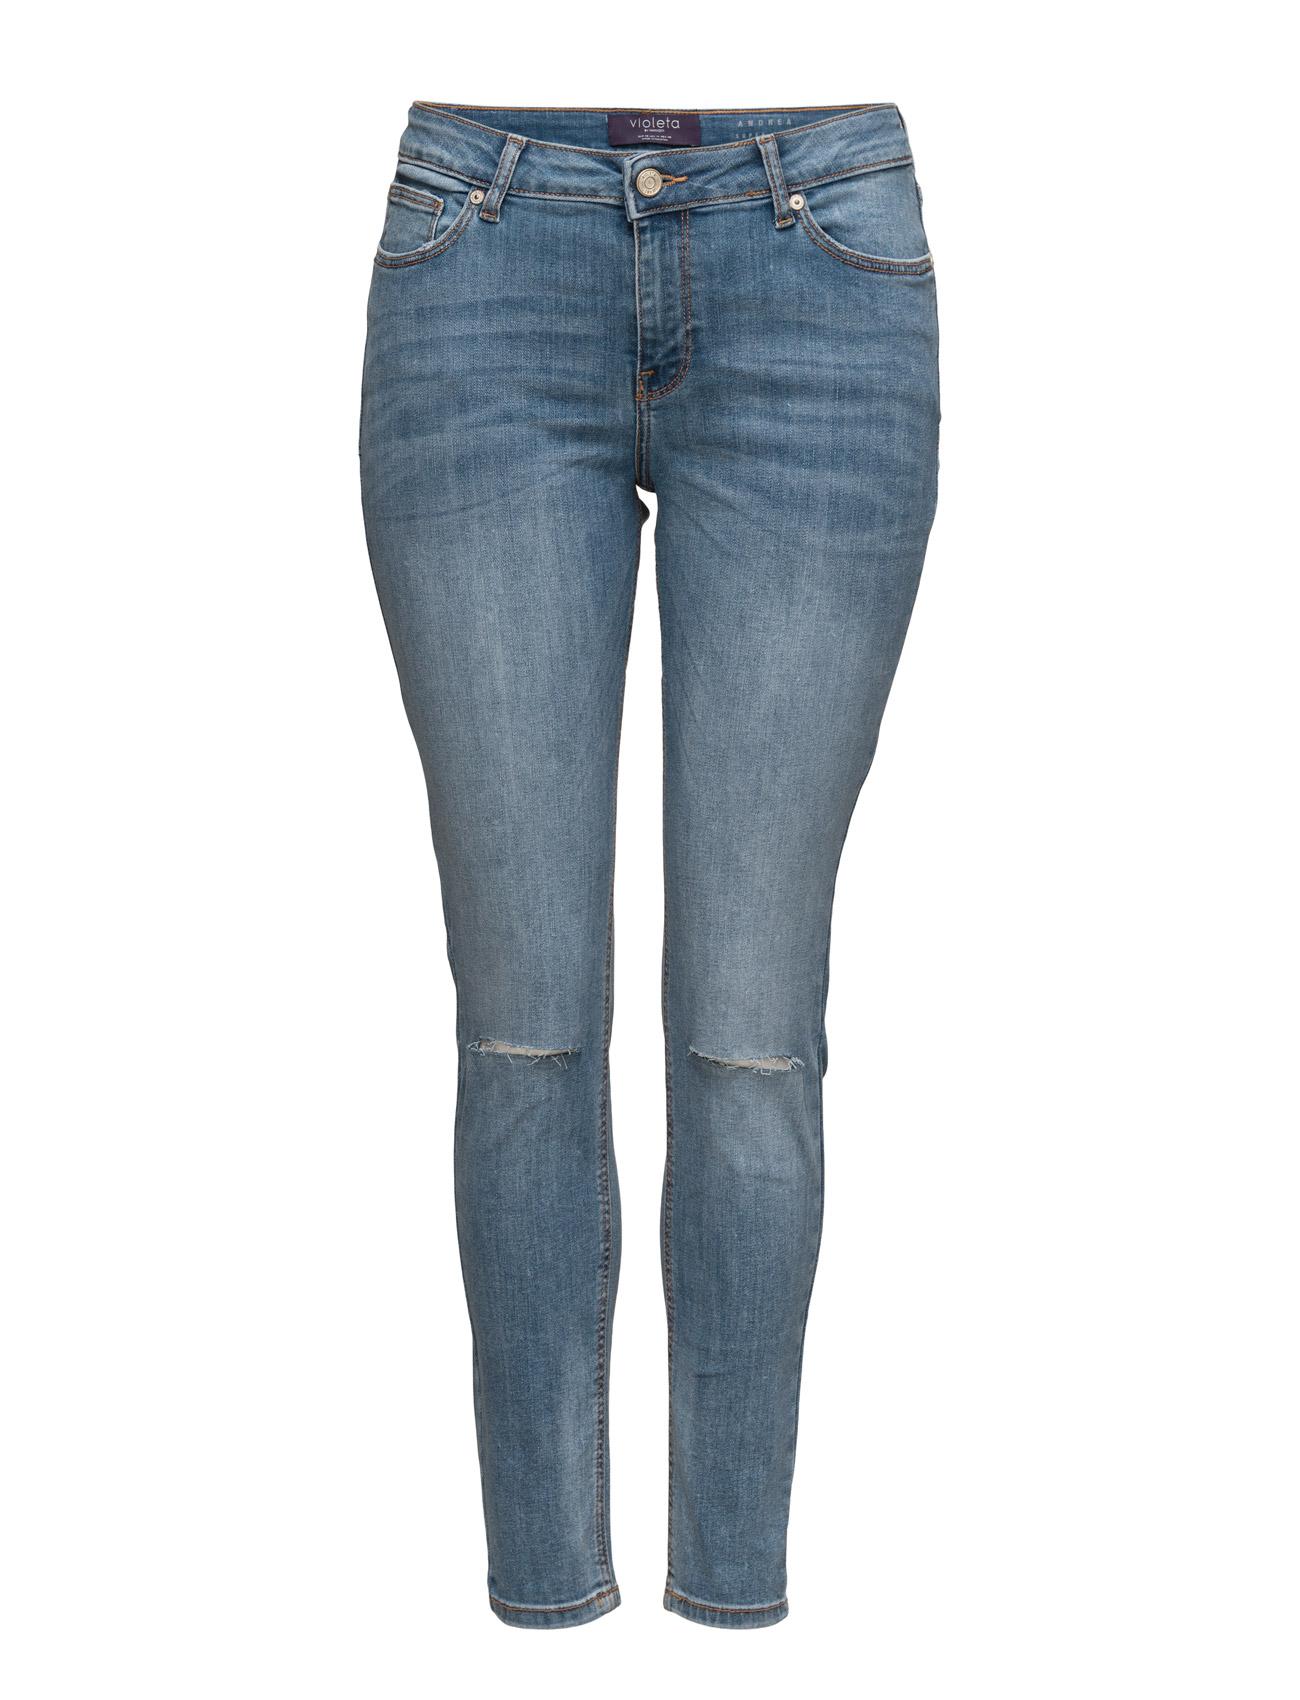 Super Slim-Fit Andrea Jeans Violeta by Mango Skinny til Kvinder i Open Blå